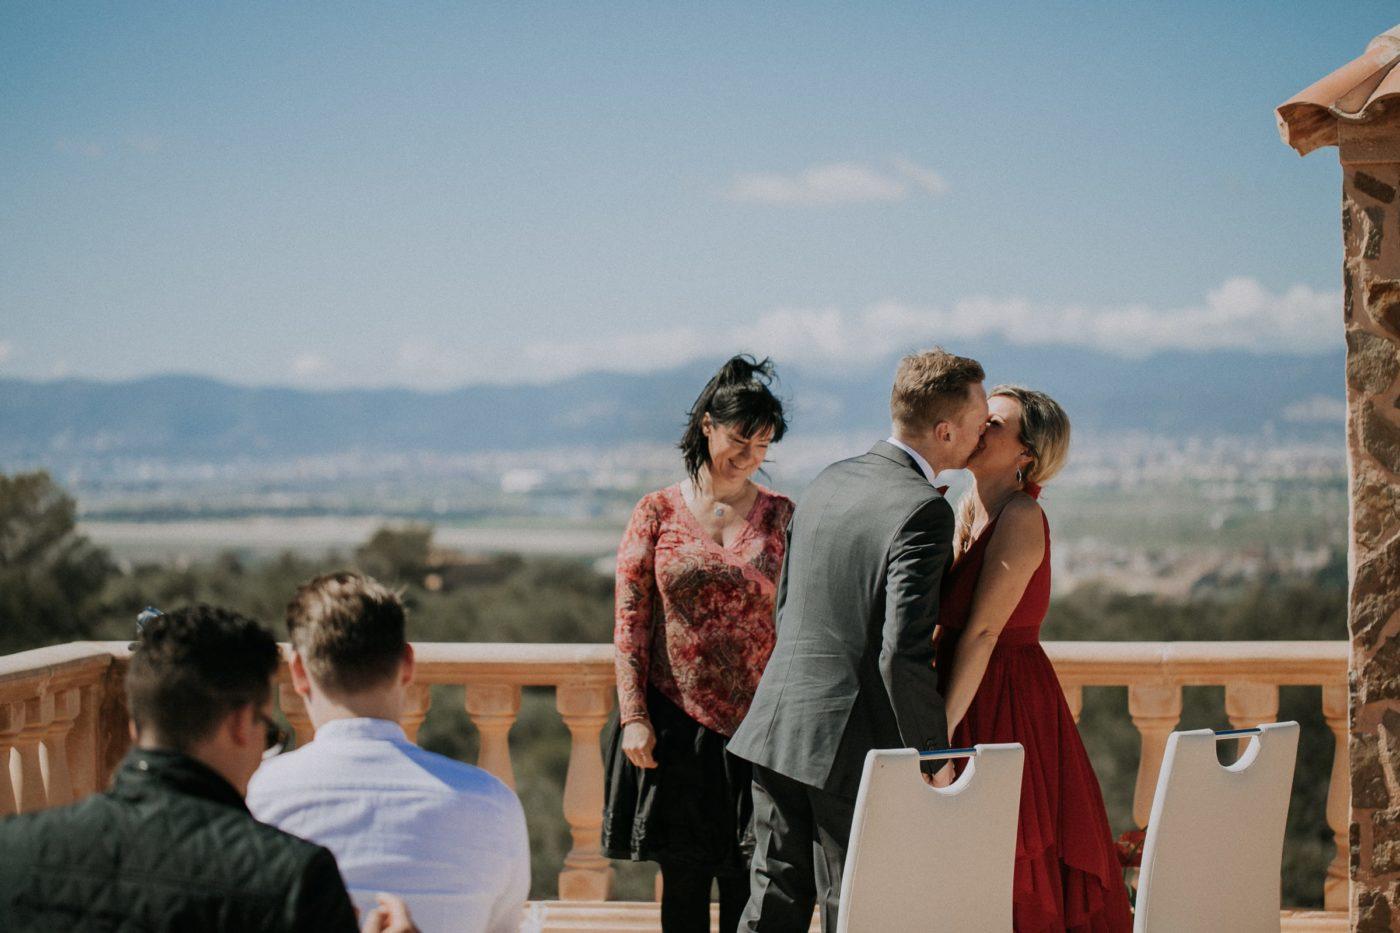 Das Brautpaar küsst sich verliebt. Ich lächle.